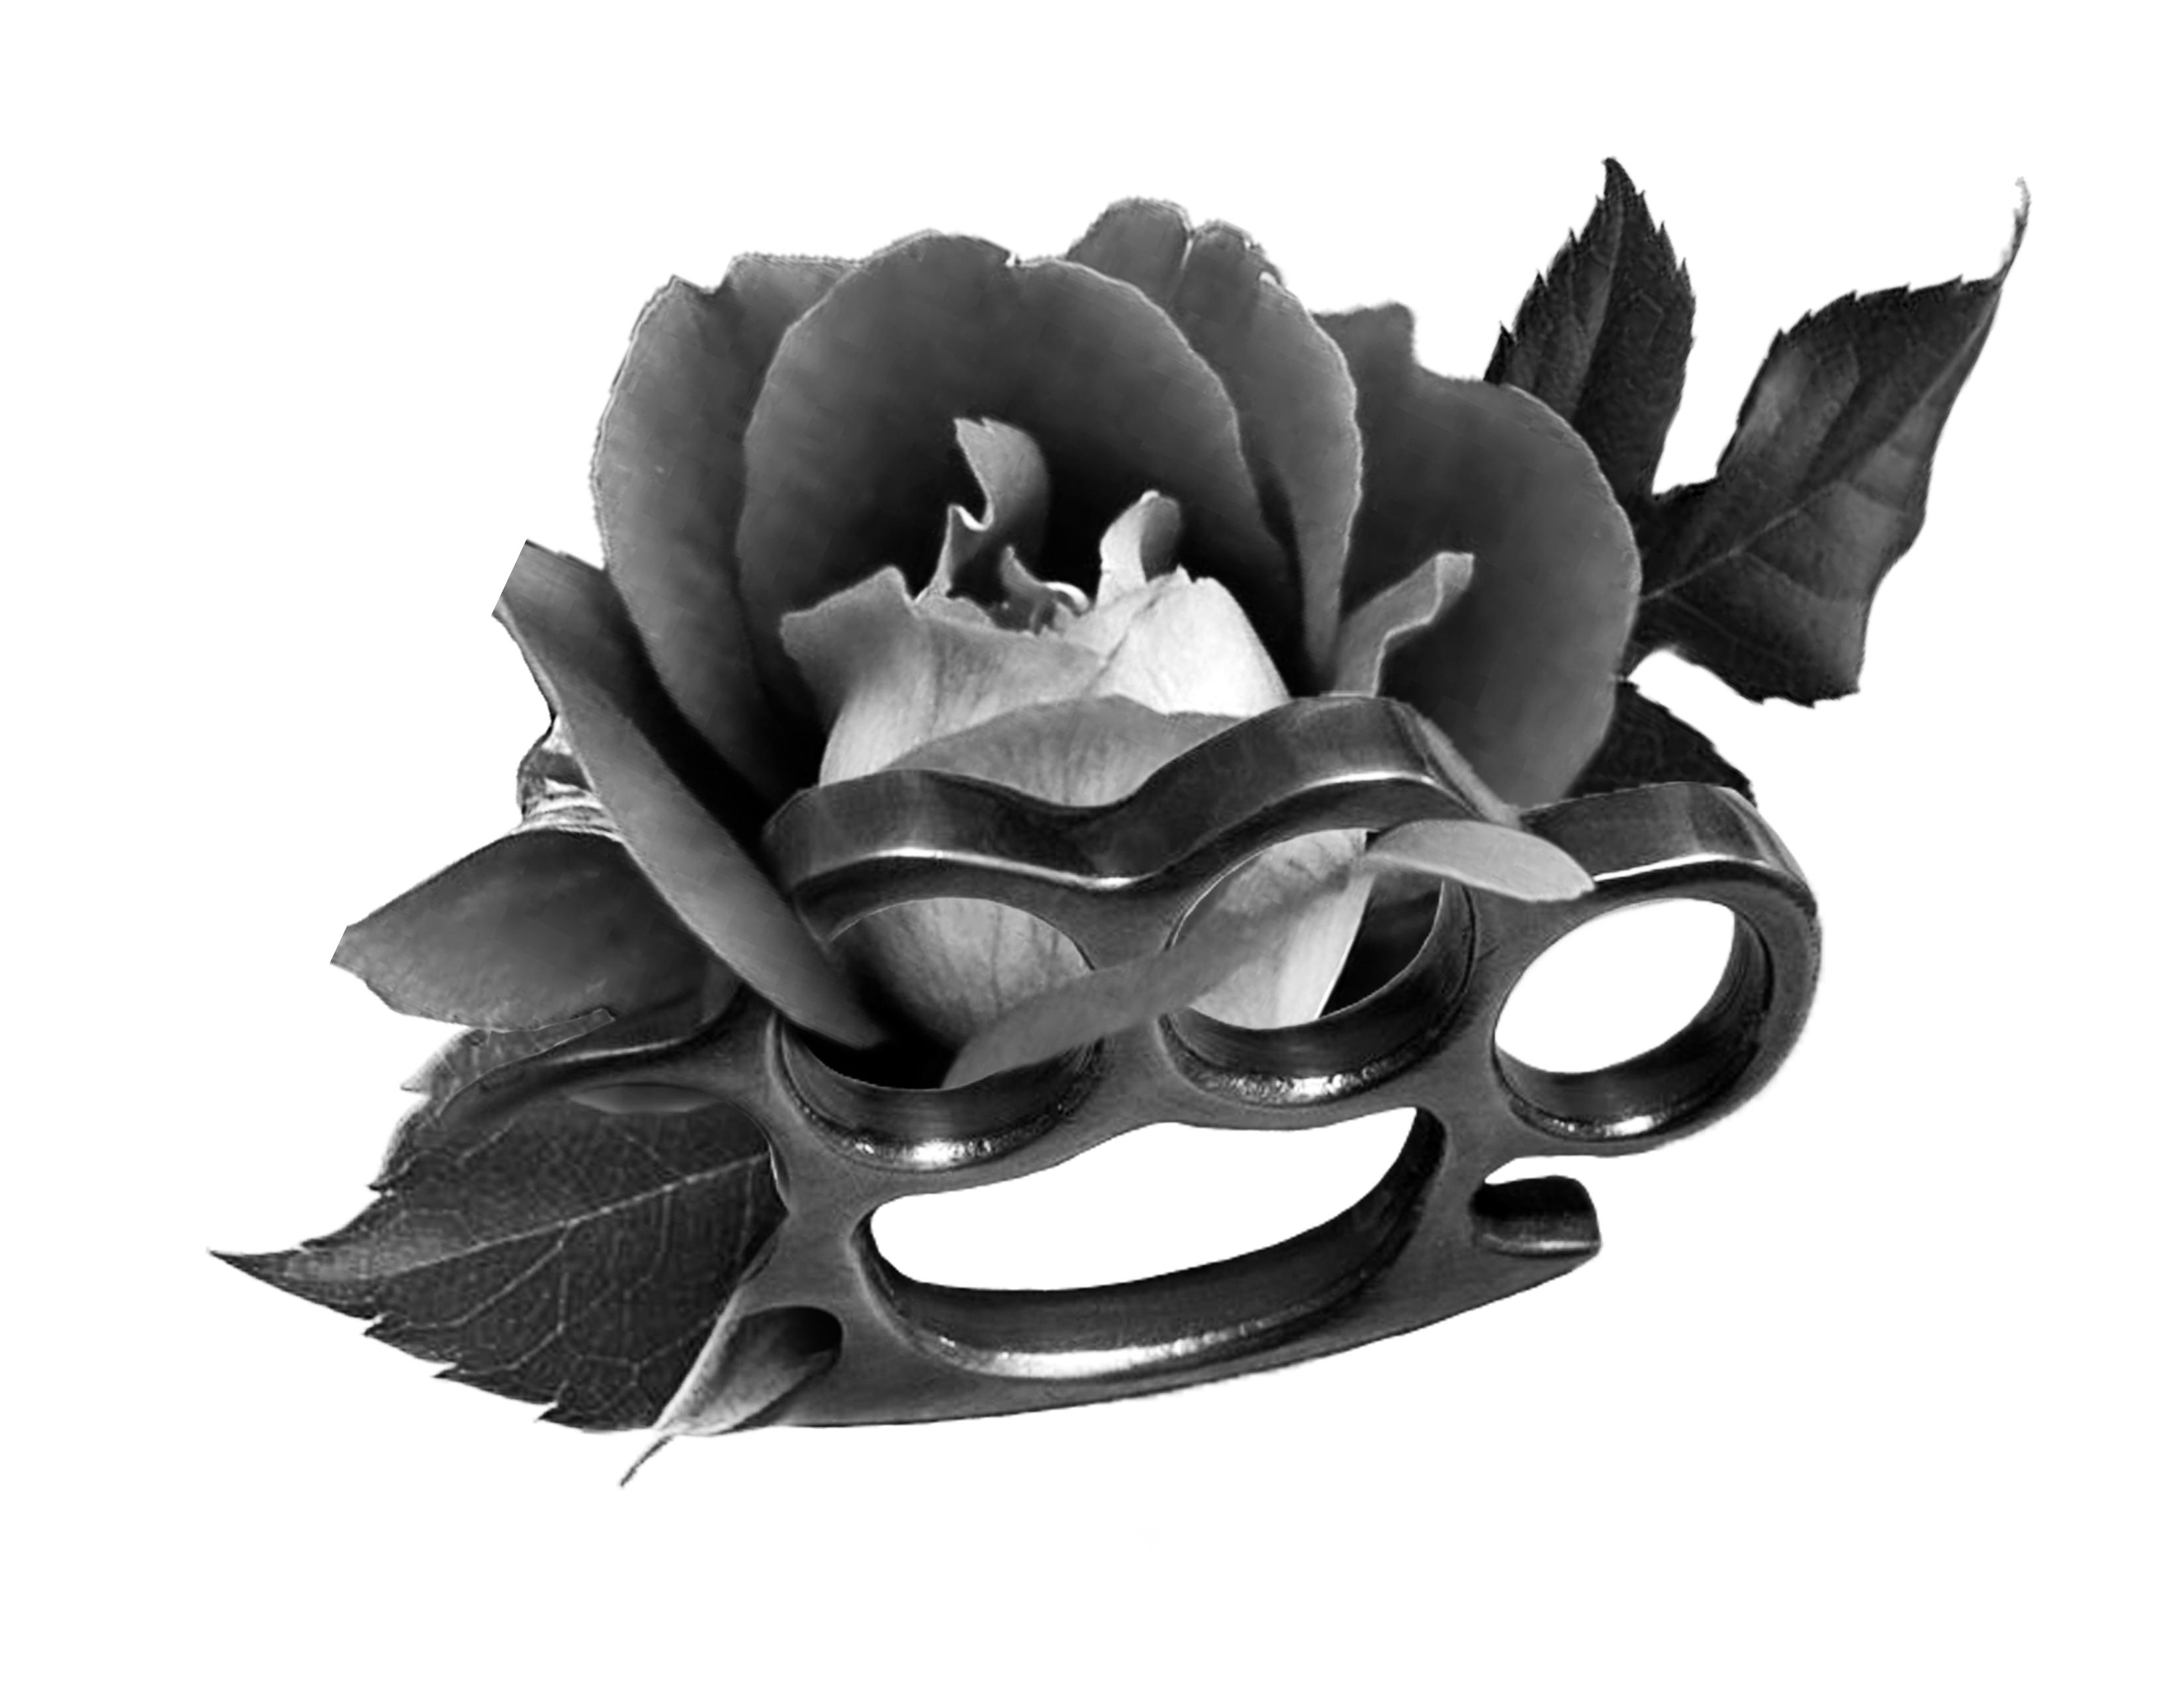 Rose Knuckles 2